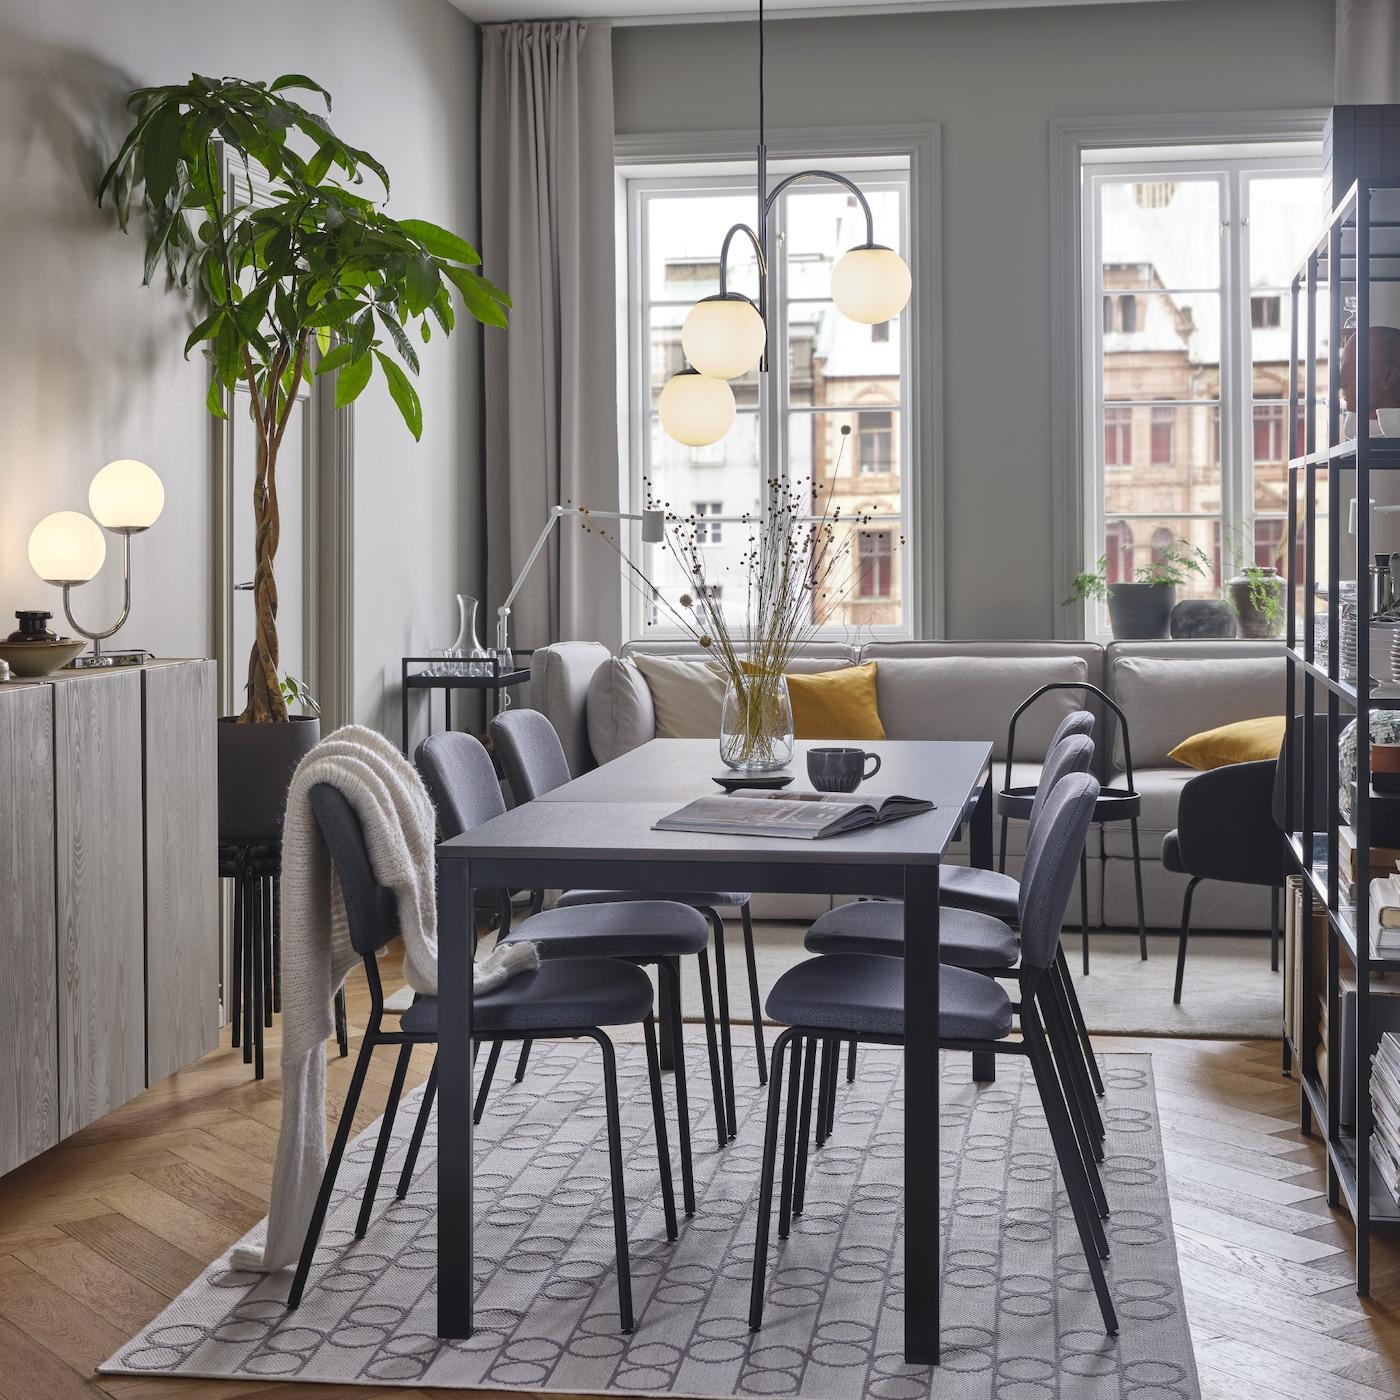 Modna jadalnia w przystępnej cenie IKEA